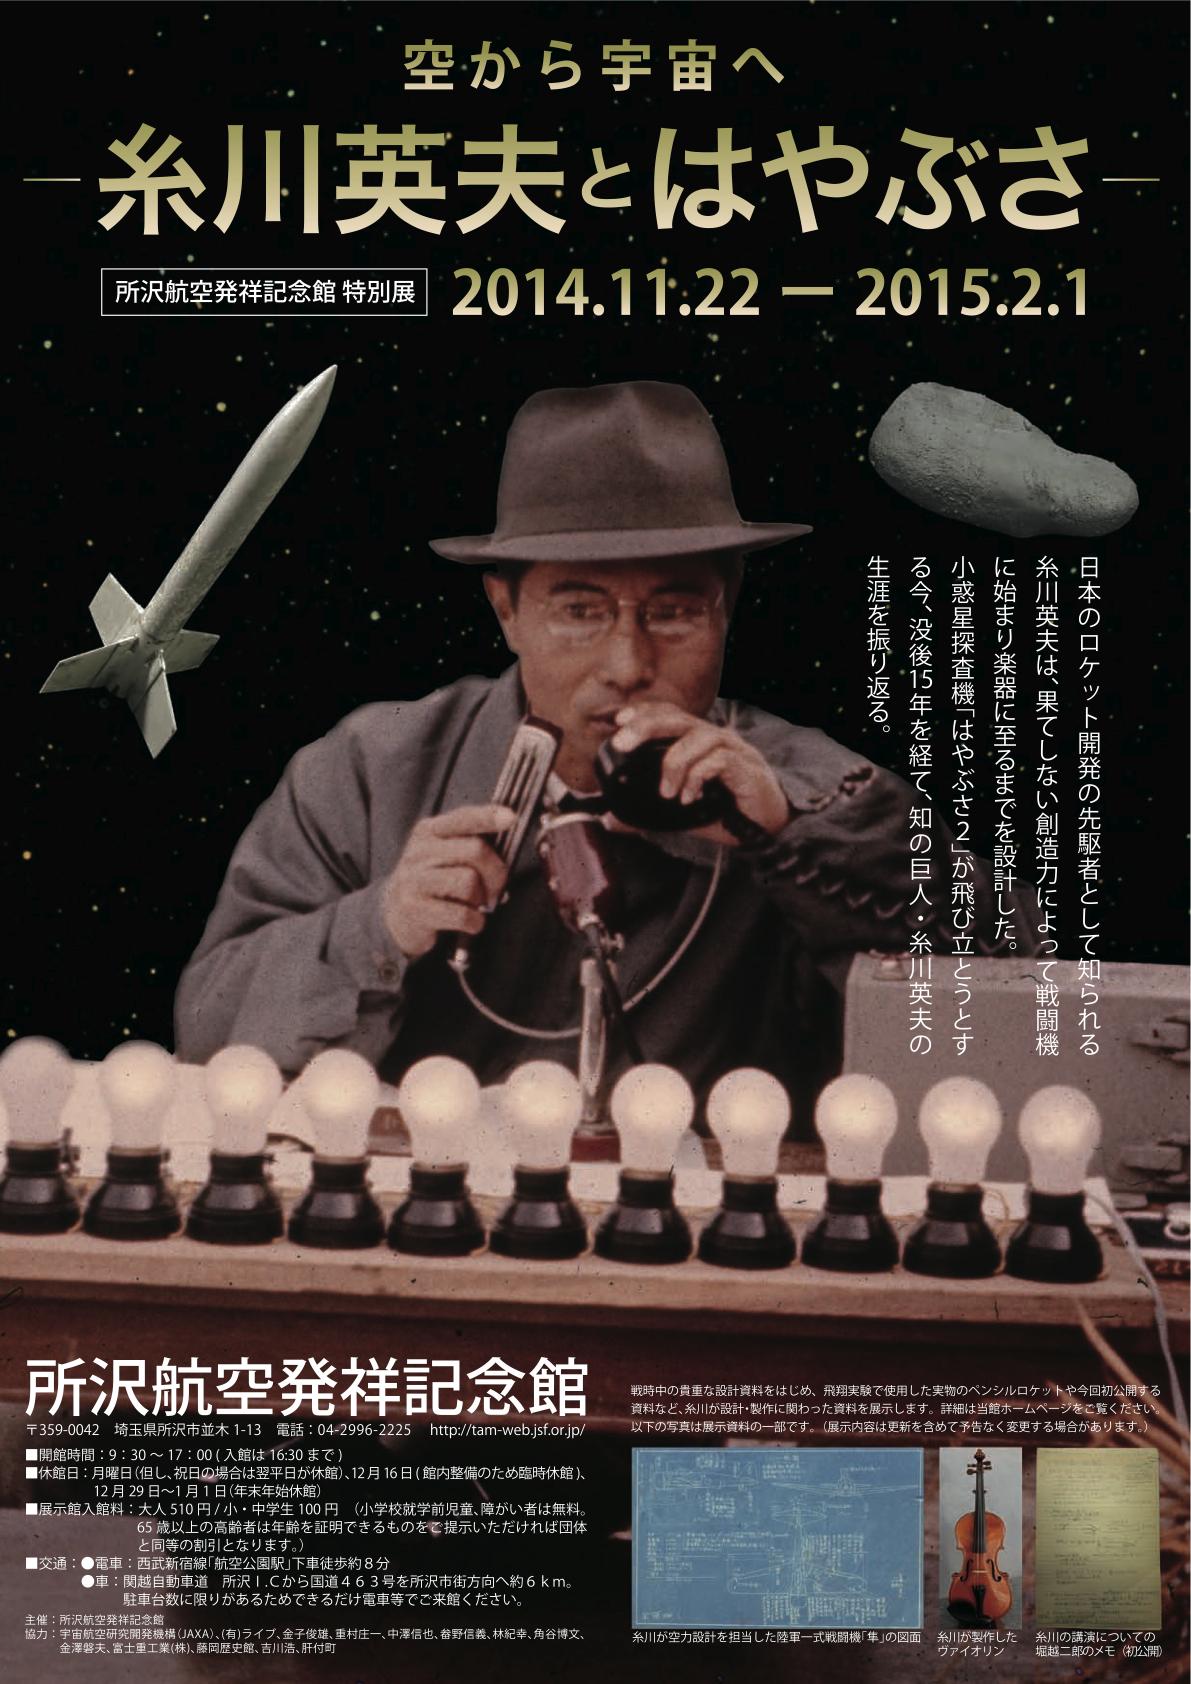 実践的科学者」糸川英夫博士の思...